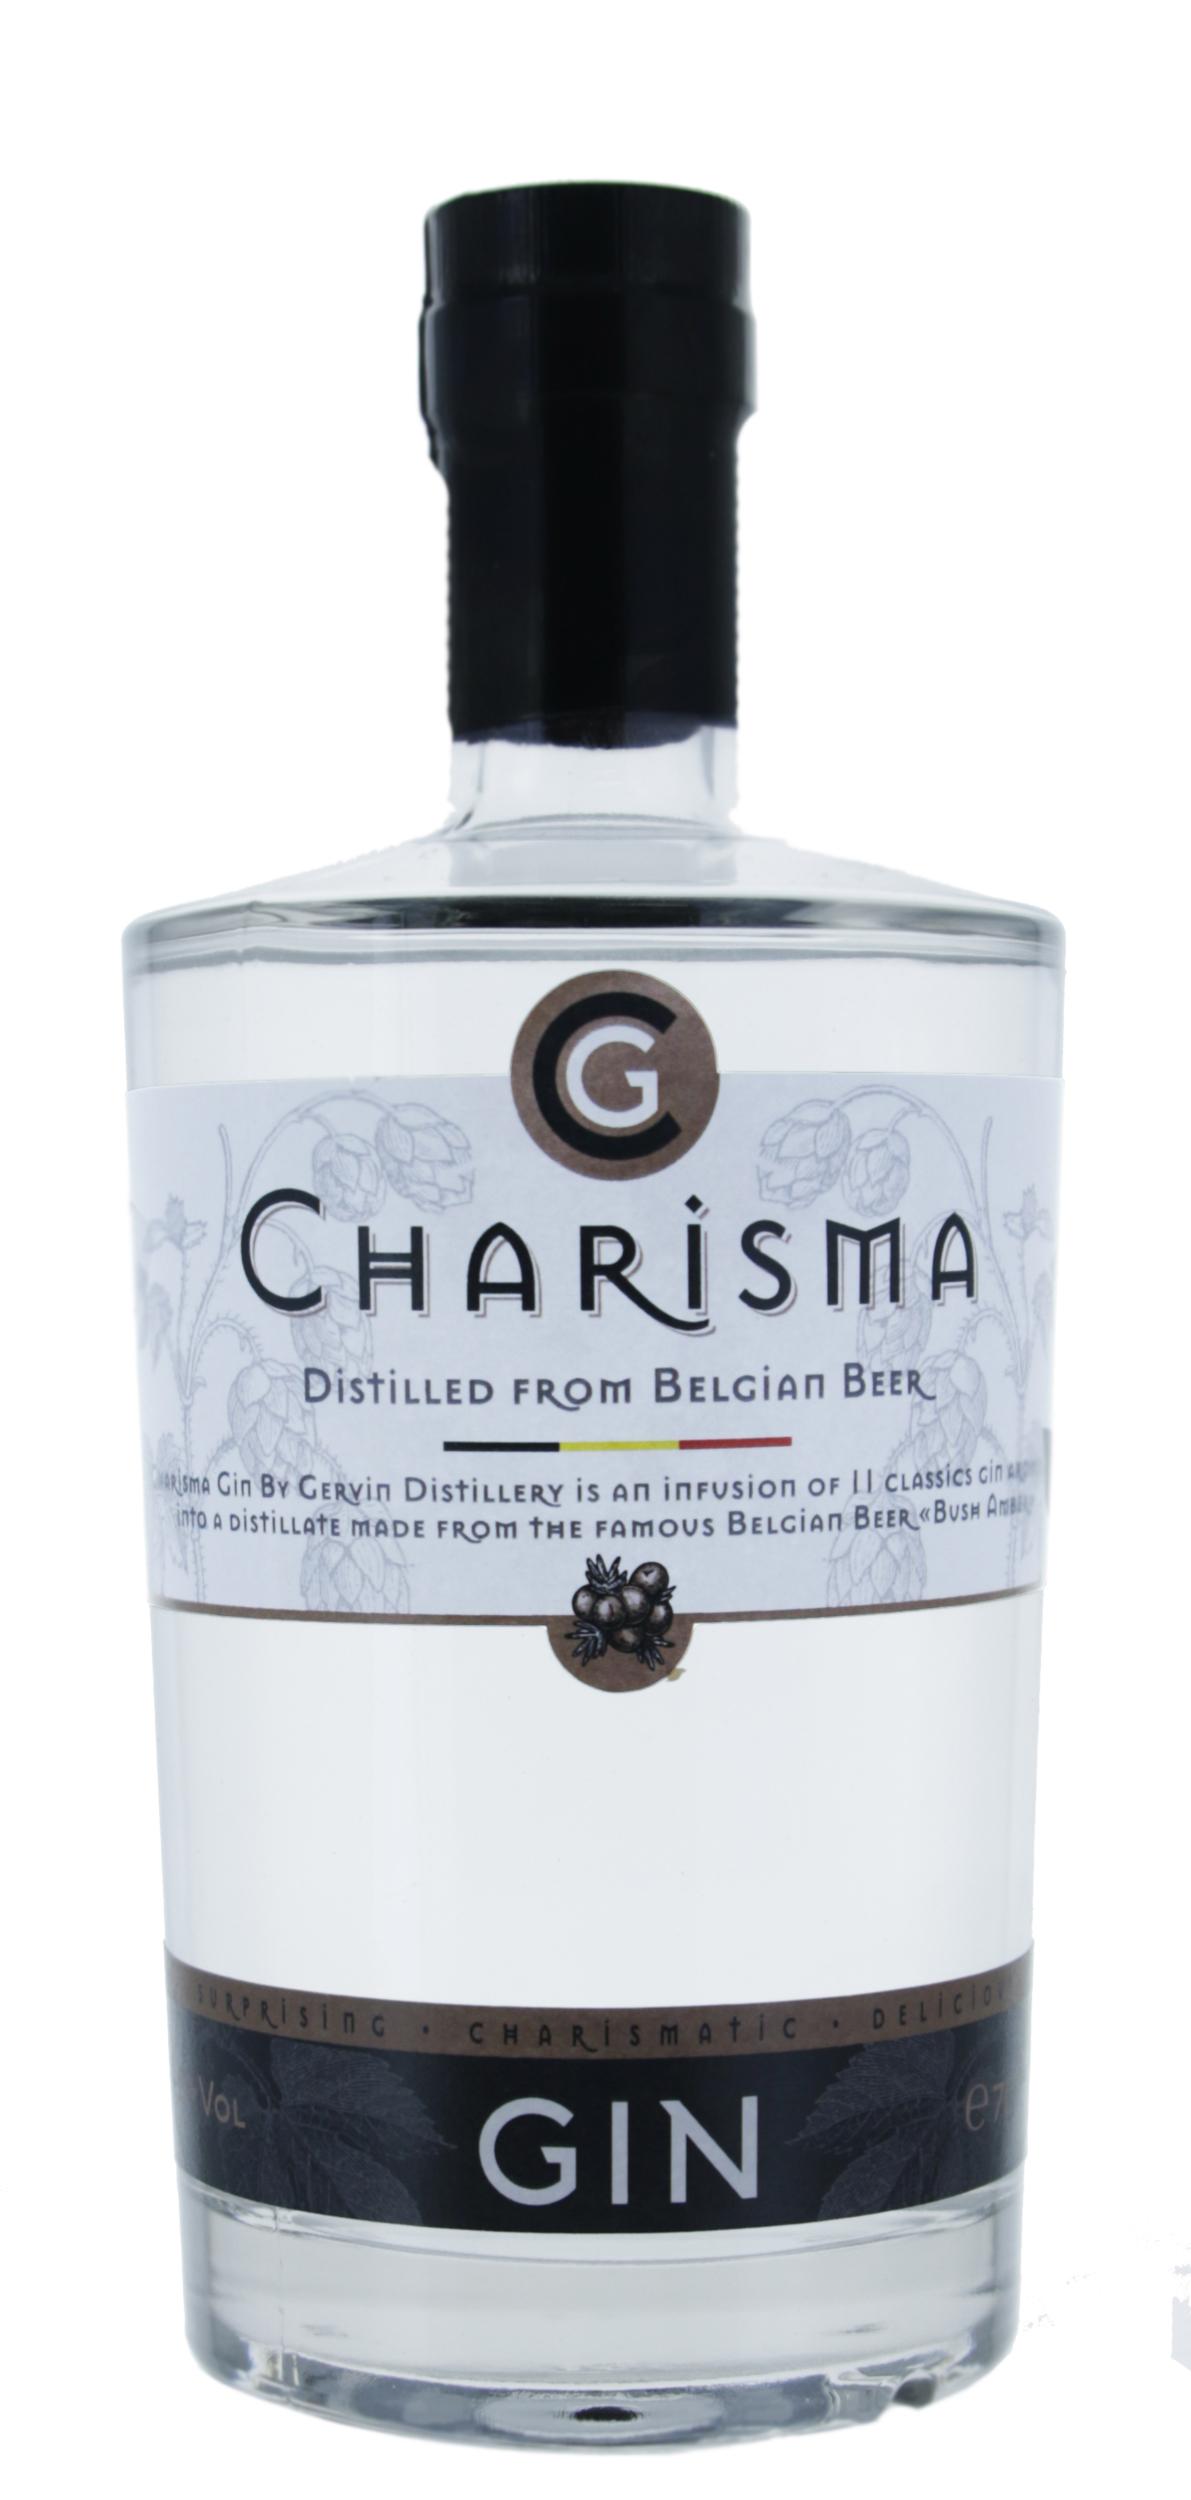 Gin - Charisma - Distillerie Gervin